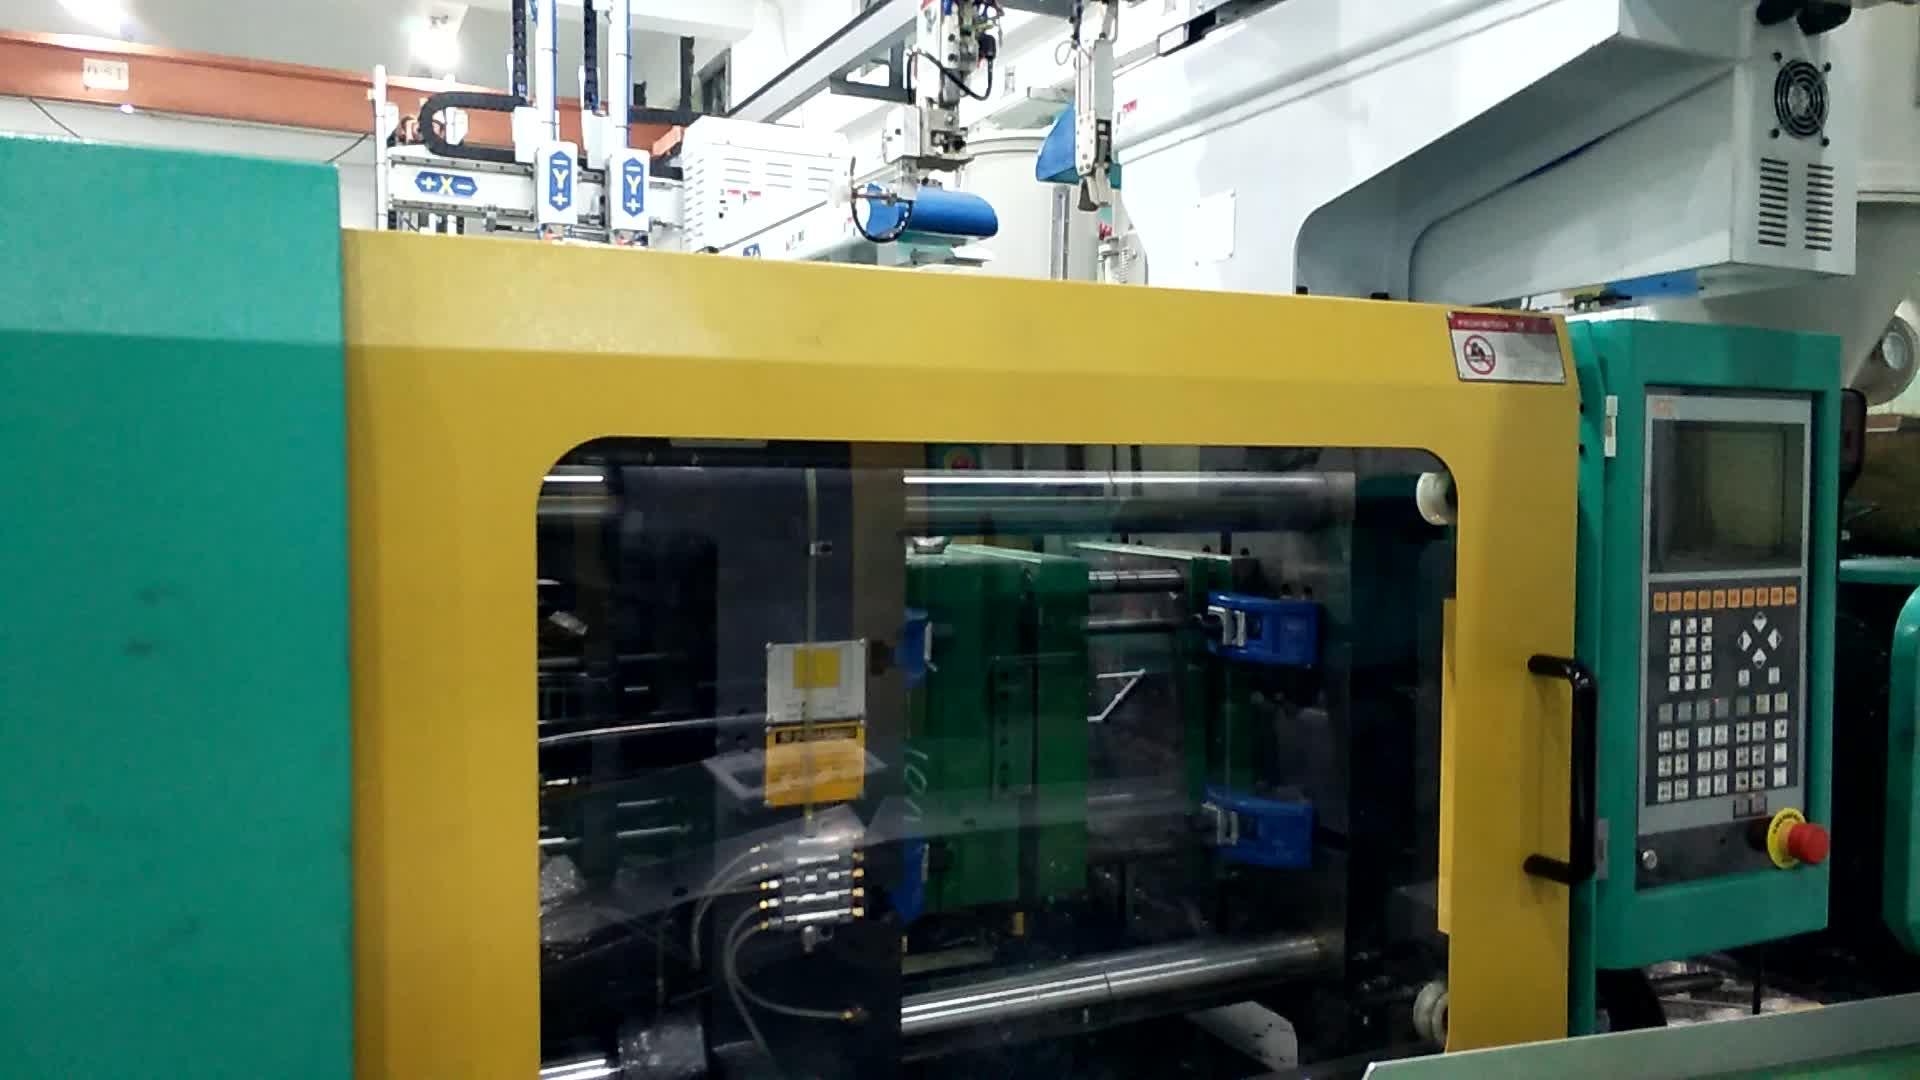 Le fabricant fabrique des moules d'injection plastique, moulage par injection plastique pour pièces en plastique